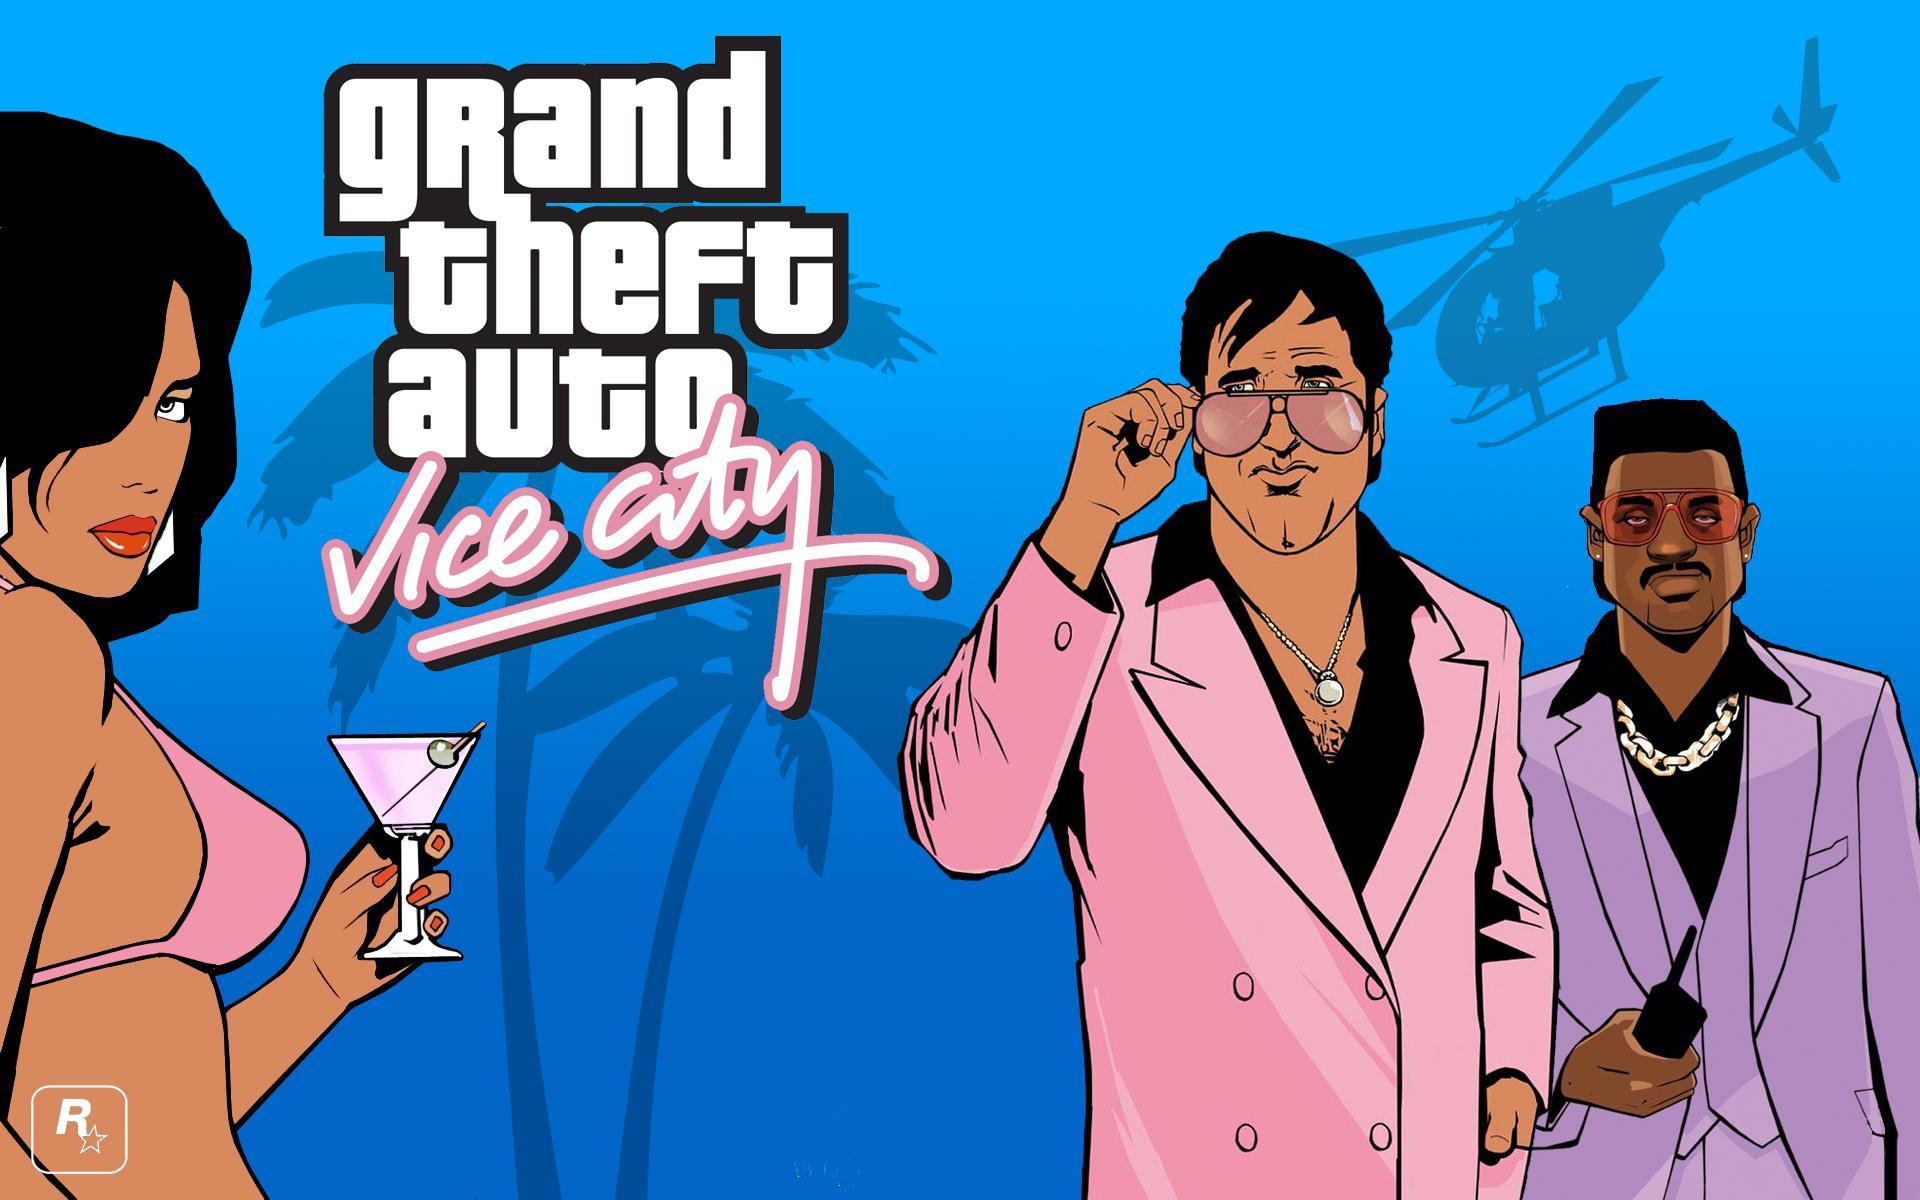 Прохождение миссий в GTA: Vice City. Разбор ТОП-4 сложных миссий. Видео полного прохождения